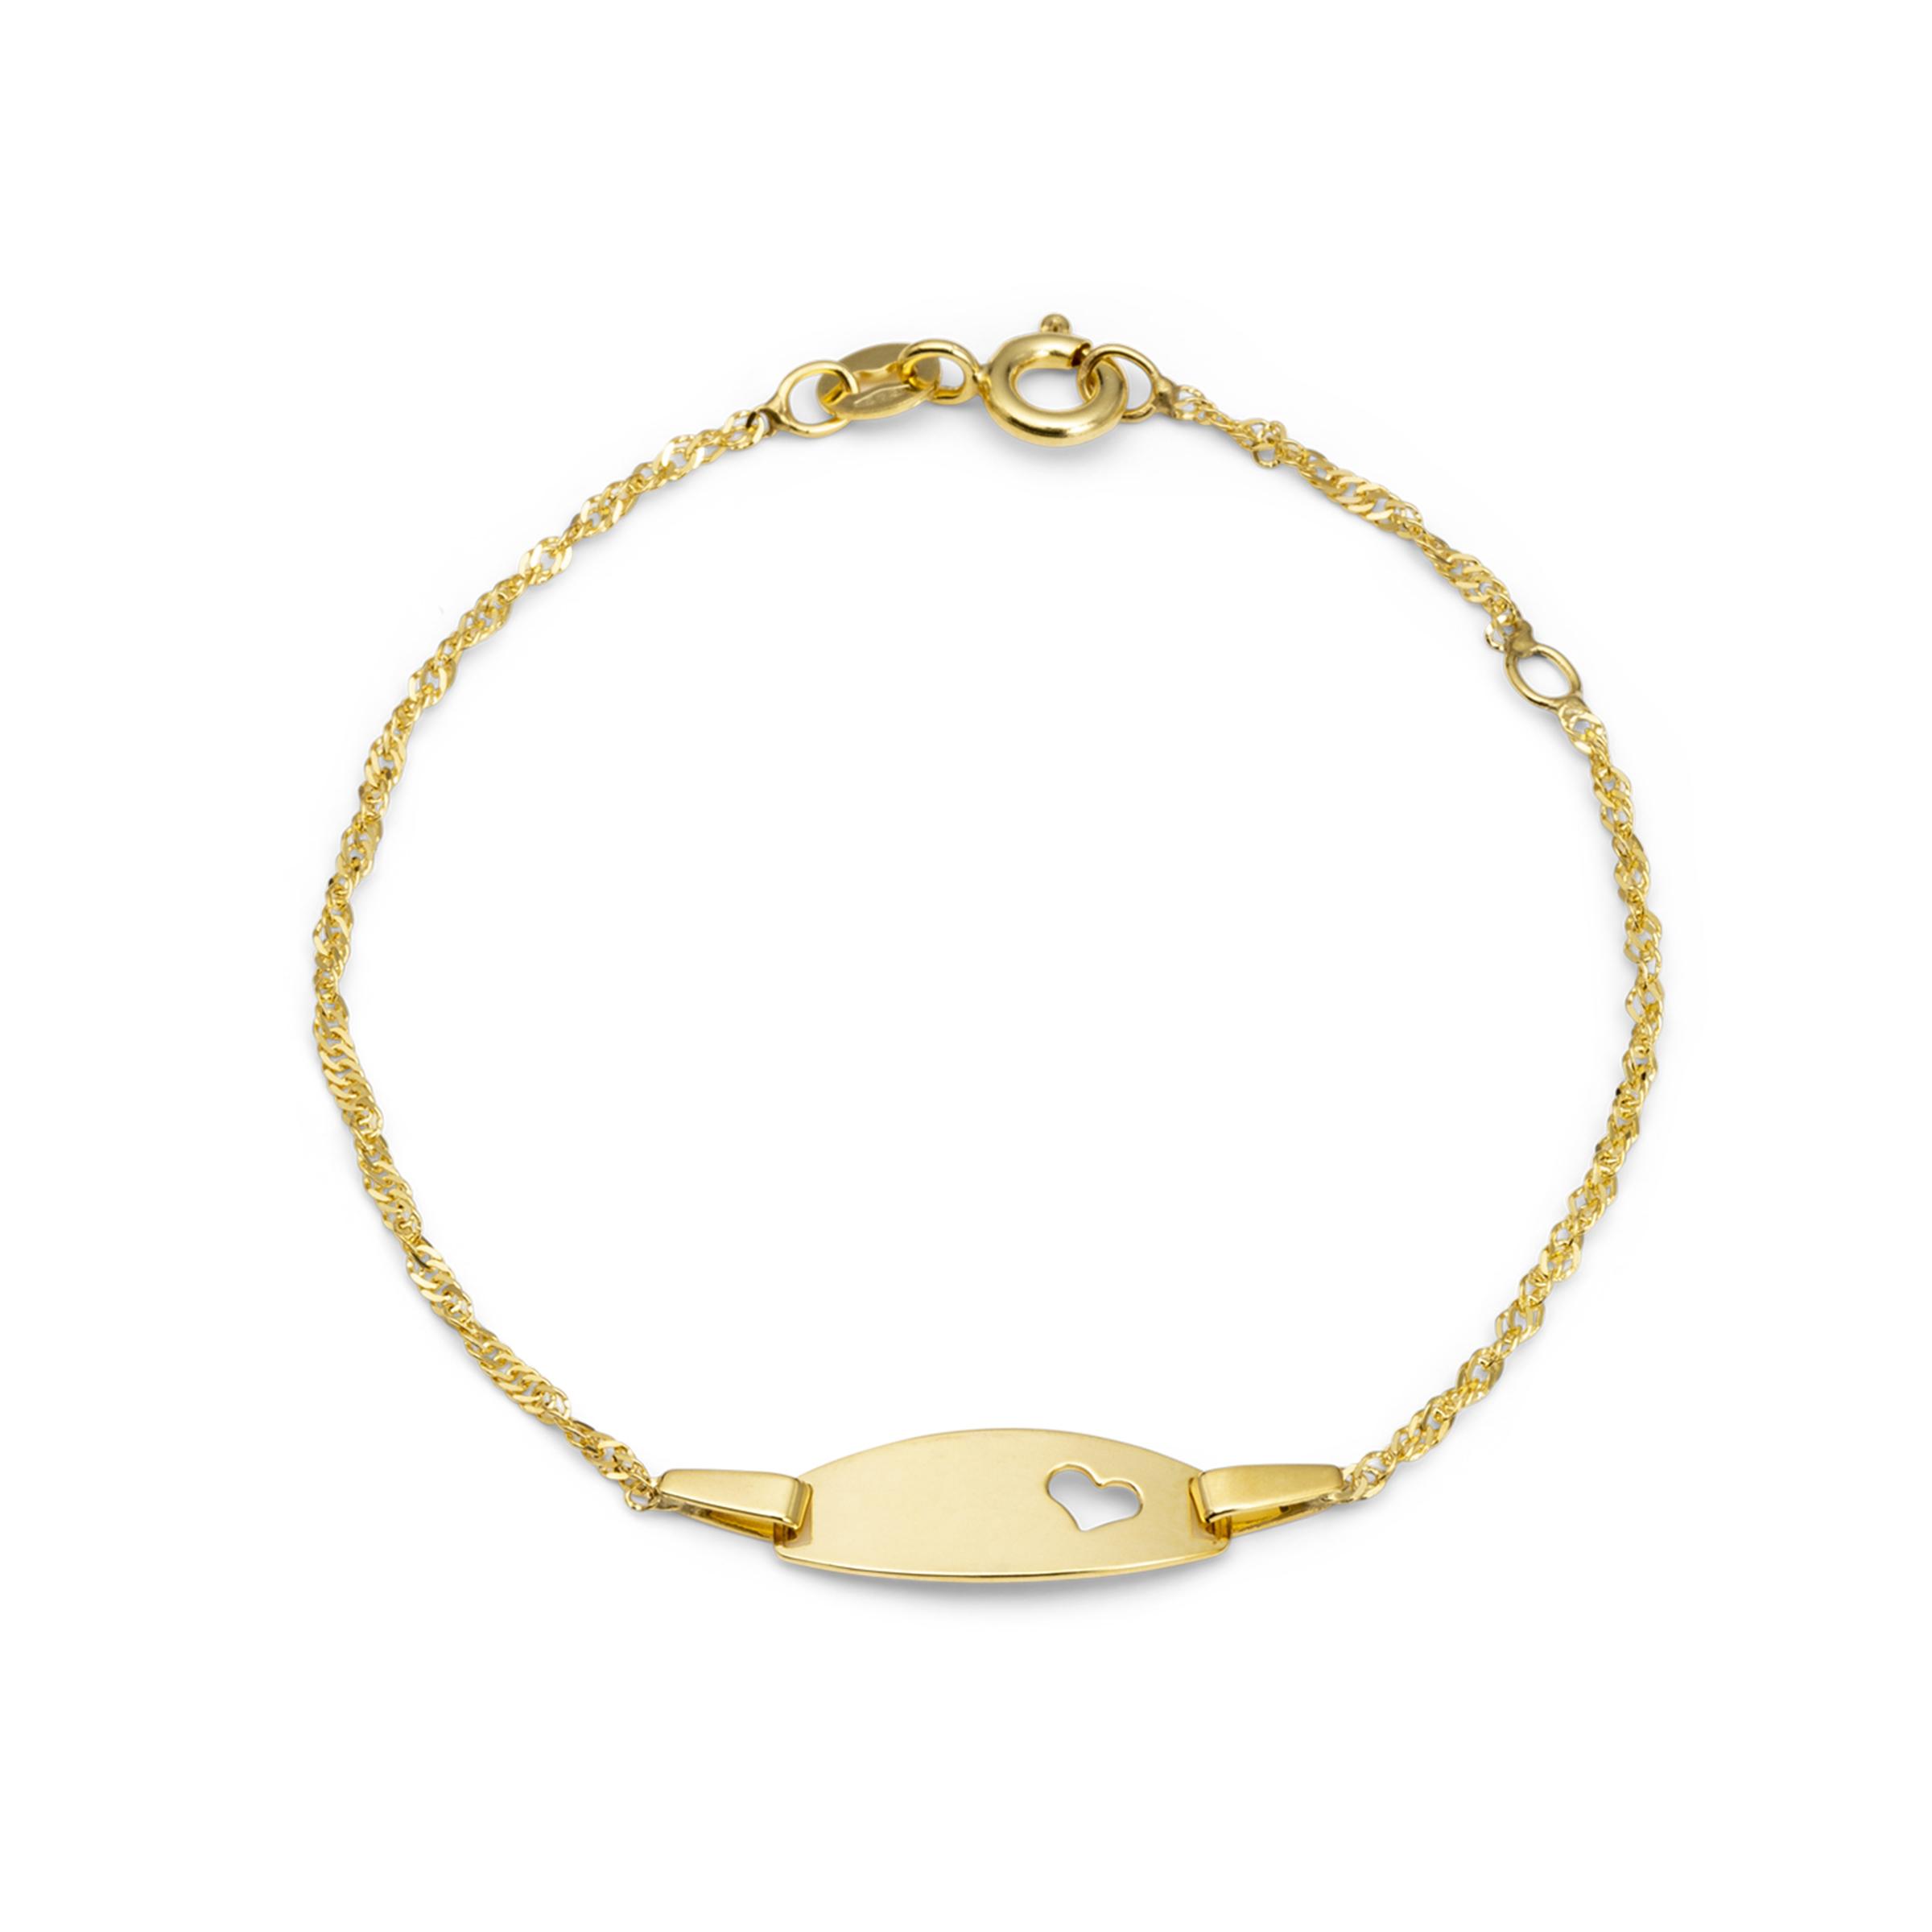 Armband für Mädchen, Gold 375, Herz